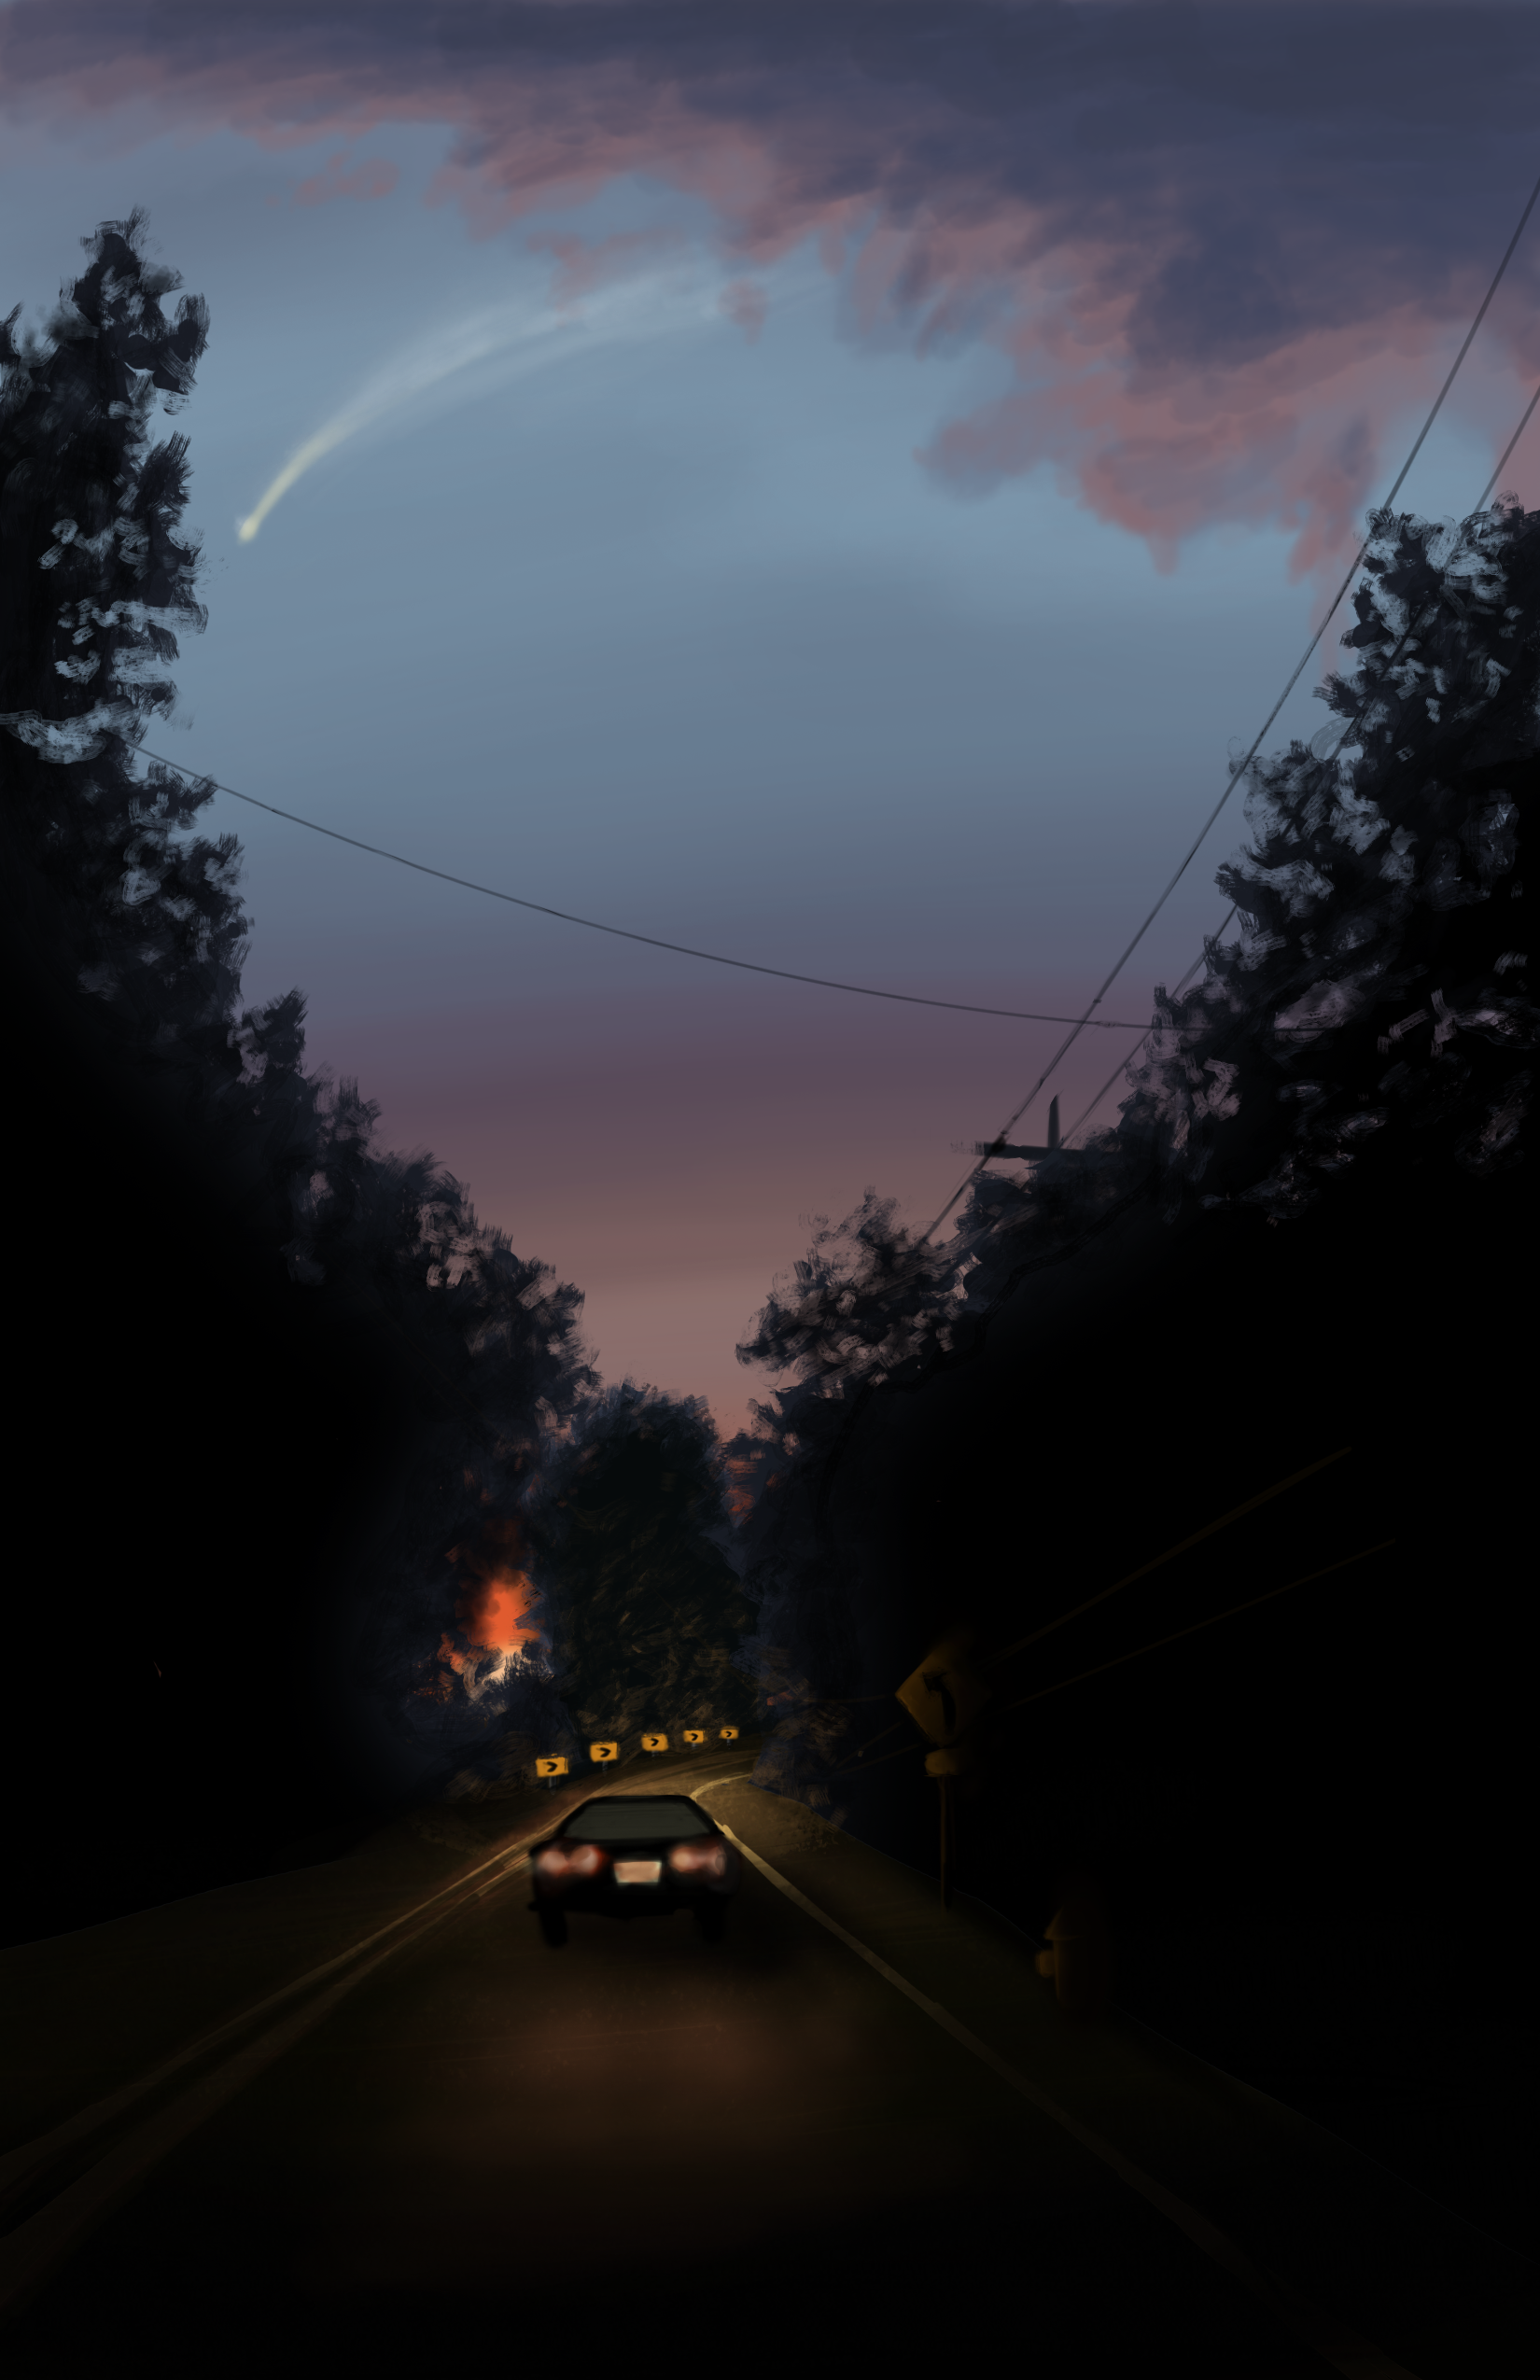 Night Time Drive